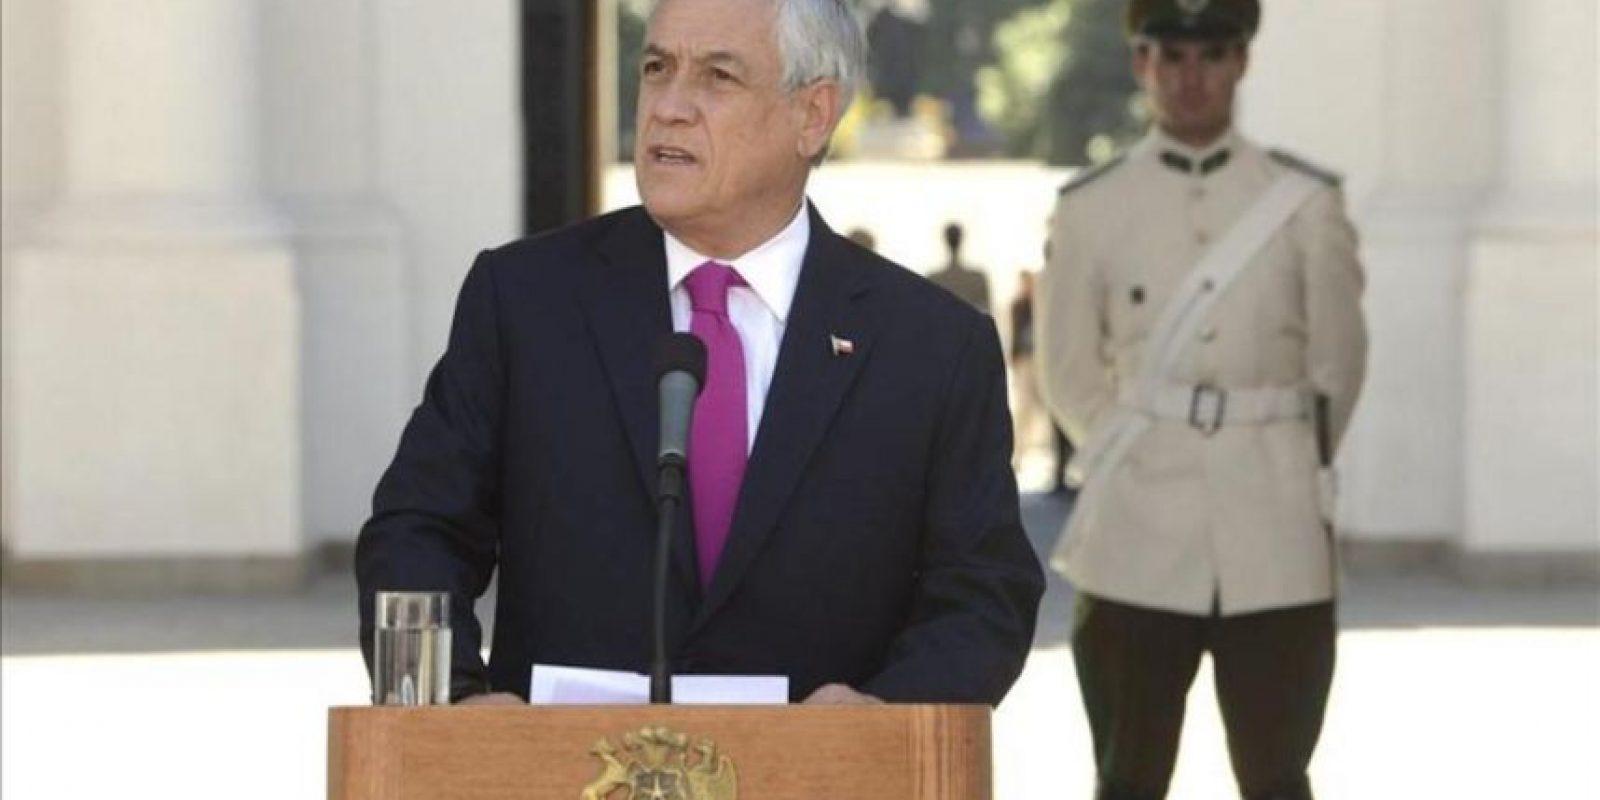 Fotografía cedida por la Presidencia de Chile donde aparece el presidente Sebastián Piñera mientras ofrece una declaración de prensa este 22 de febrero, en el Palacio de la Moneda en Santiago de Chile (Chile). EFE